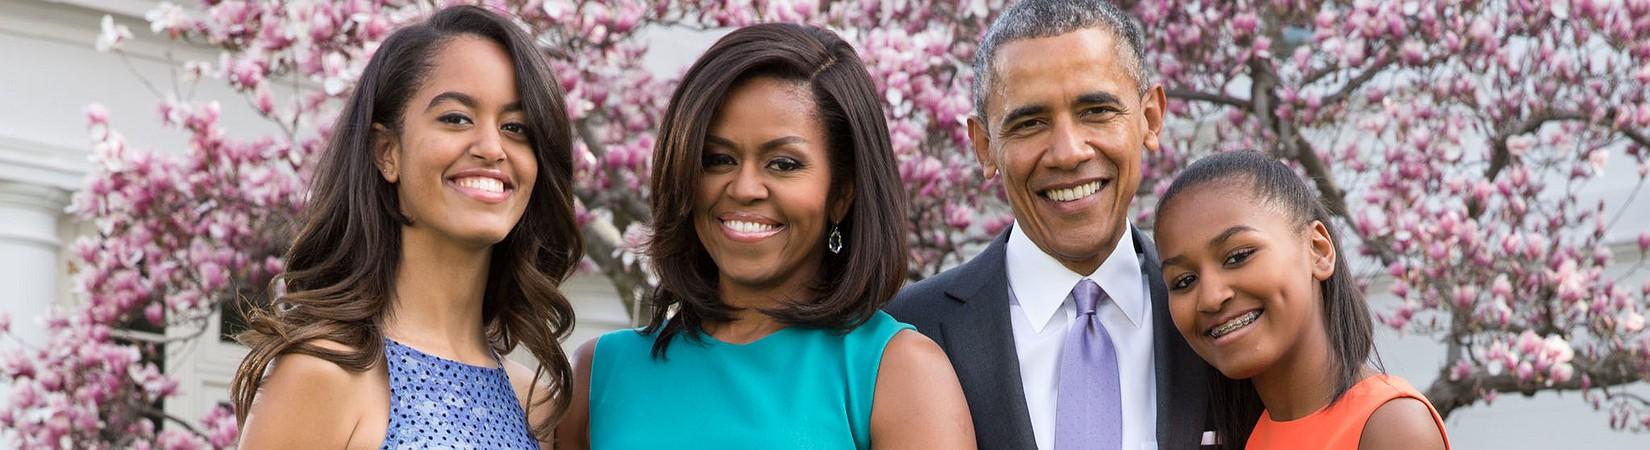 FOTOS: ¿Dónde van a vivir los Obama tras abandonar la Casa Blanca?